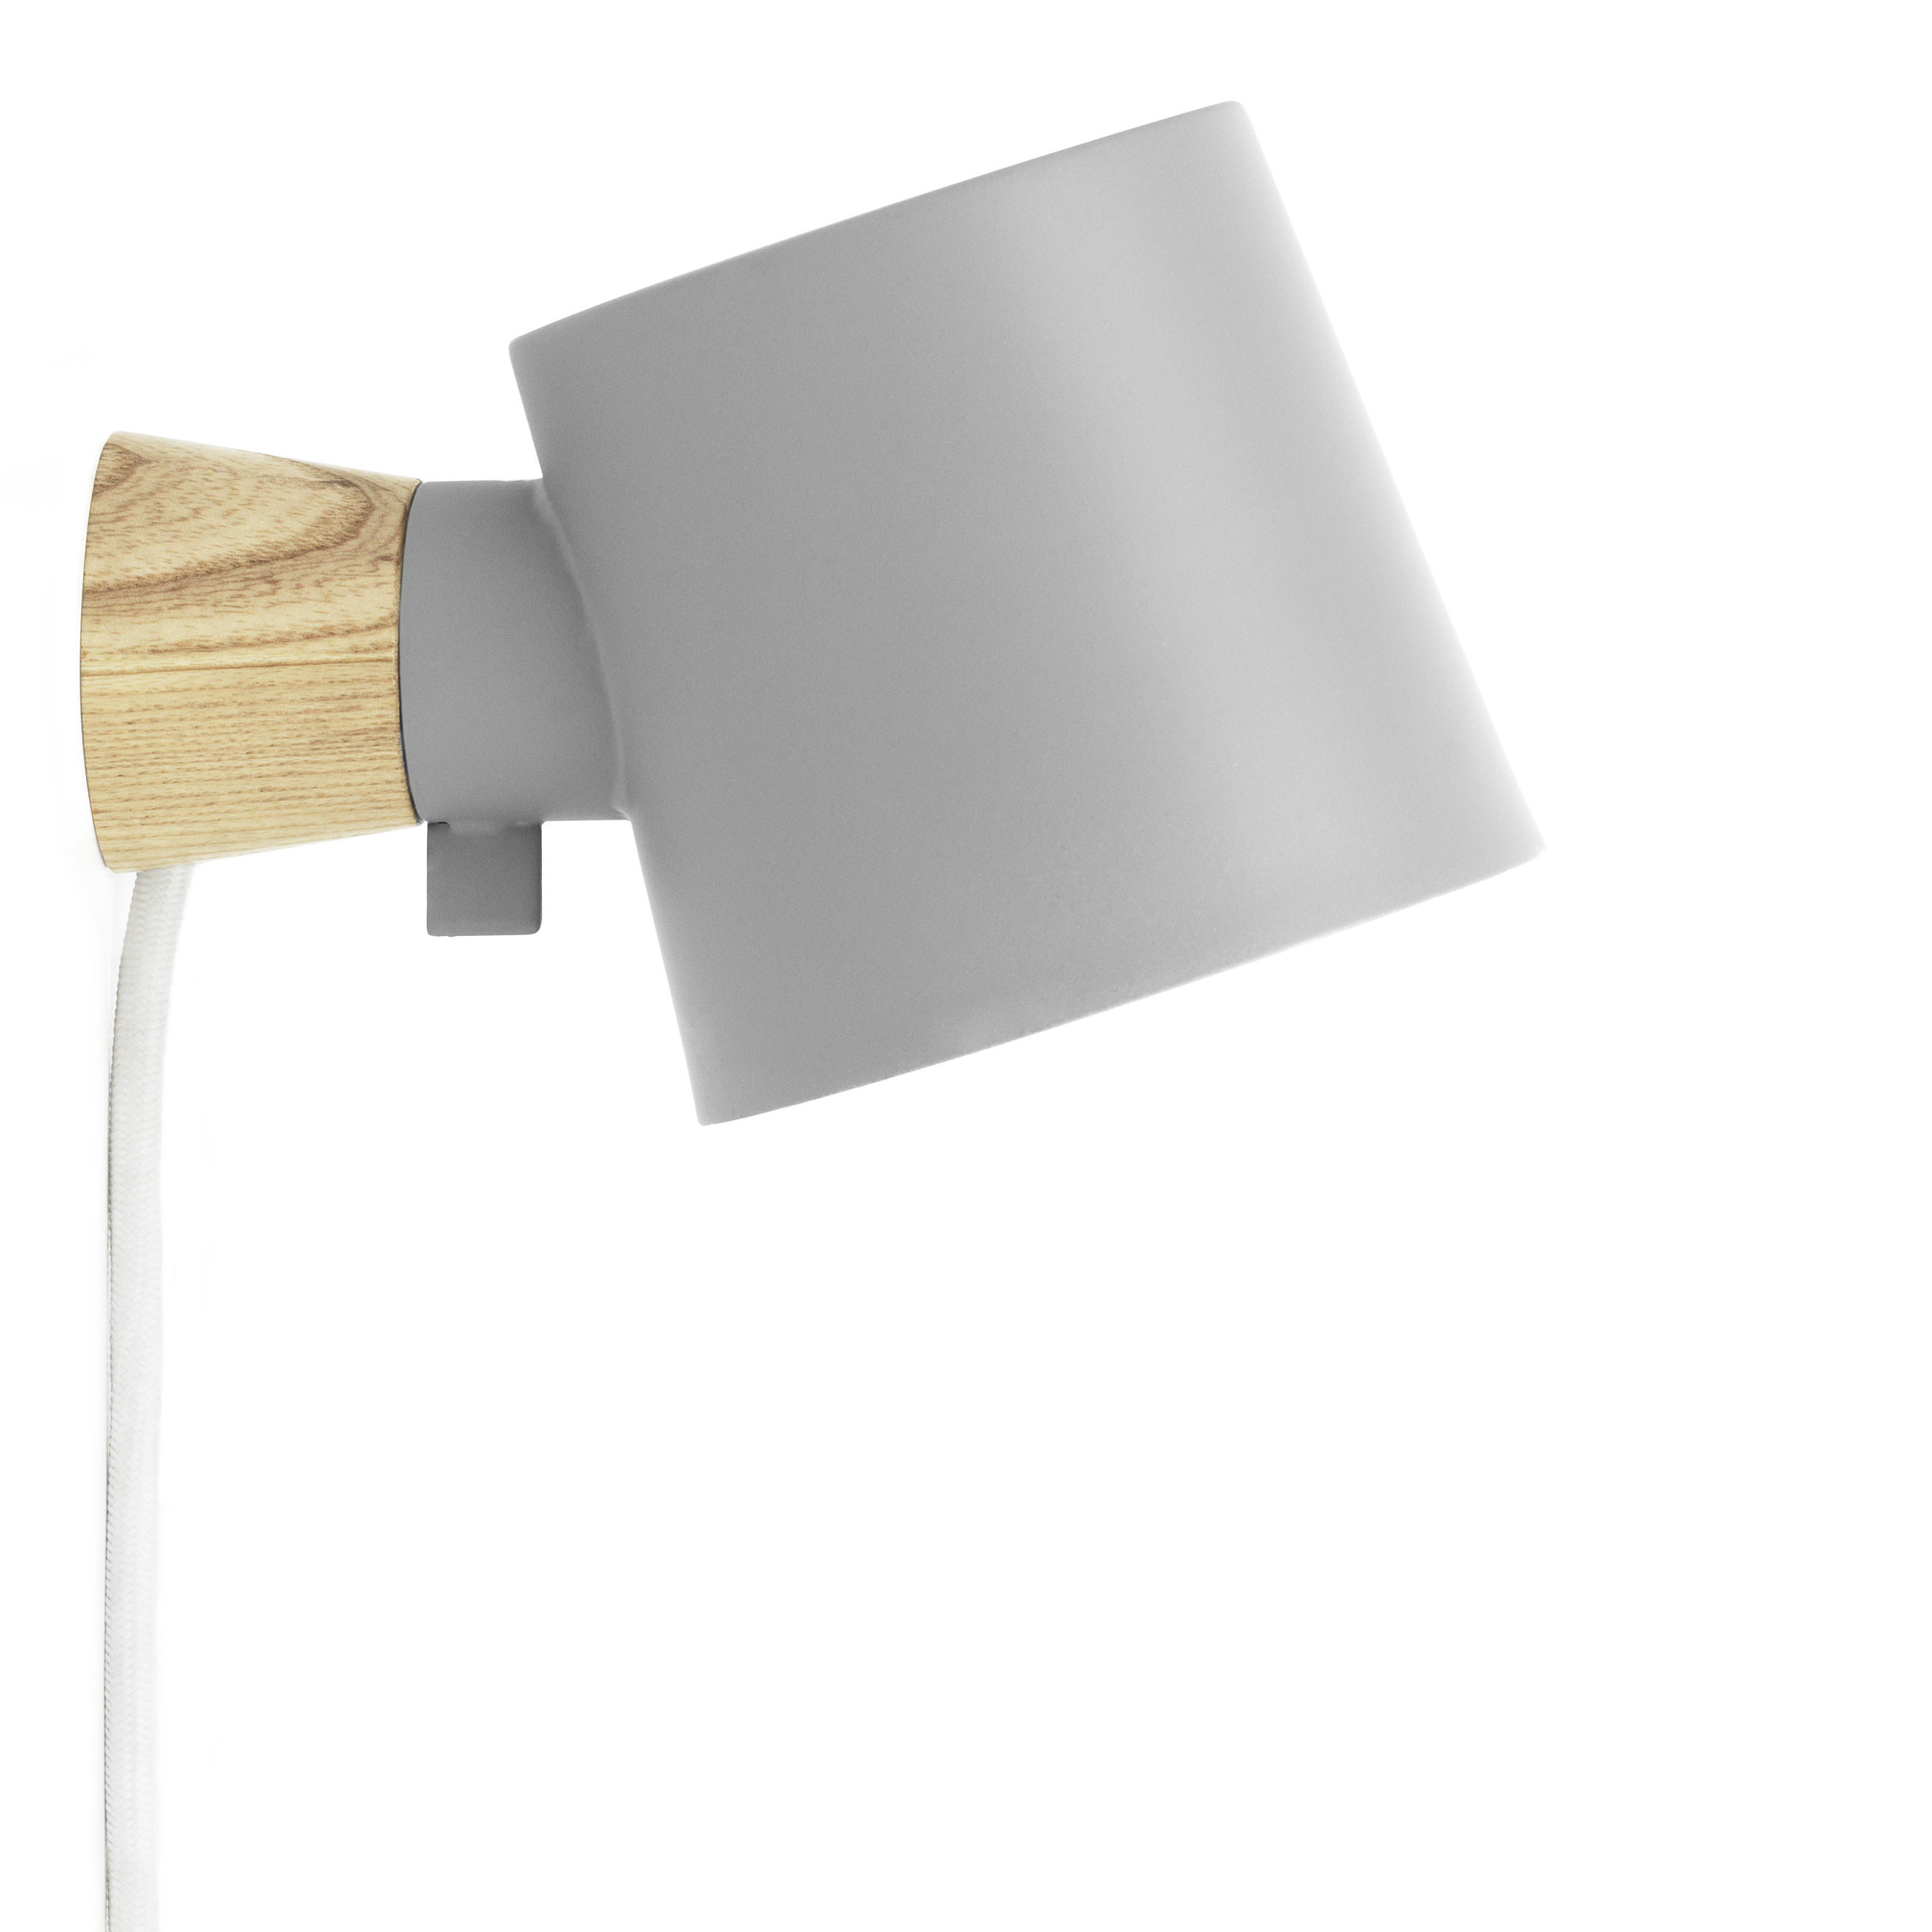 Illuminazione - Lampade da parete - Applique con presa Rise - / Orientabile - Legno & metallo di Normann Copenhagen - Grigio / Legno - Frassino massello, metallo laccato